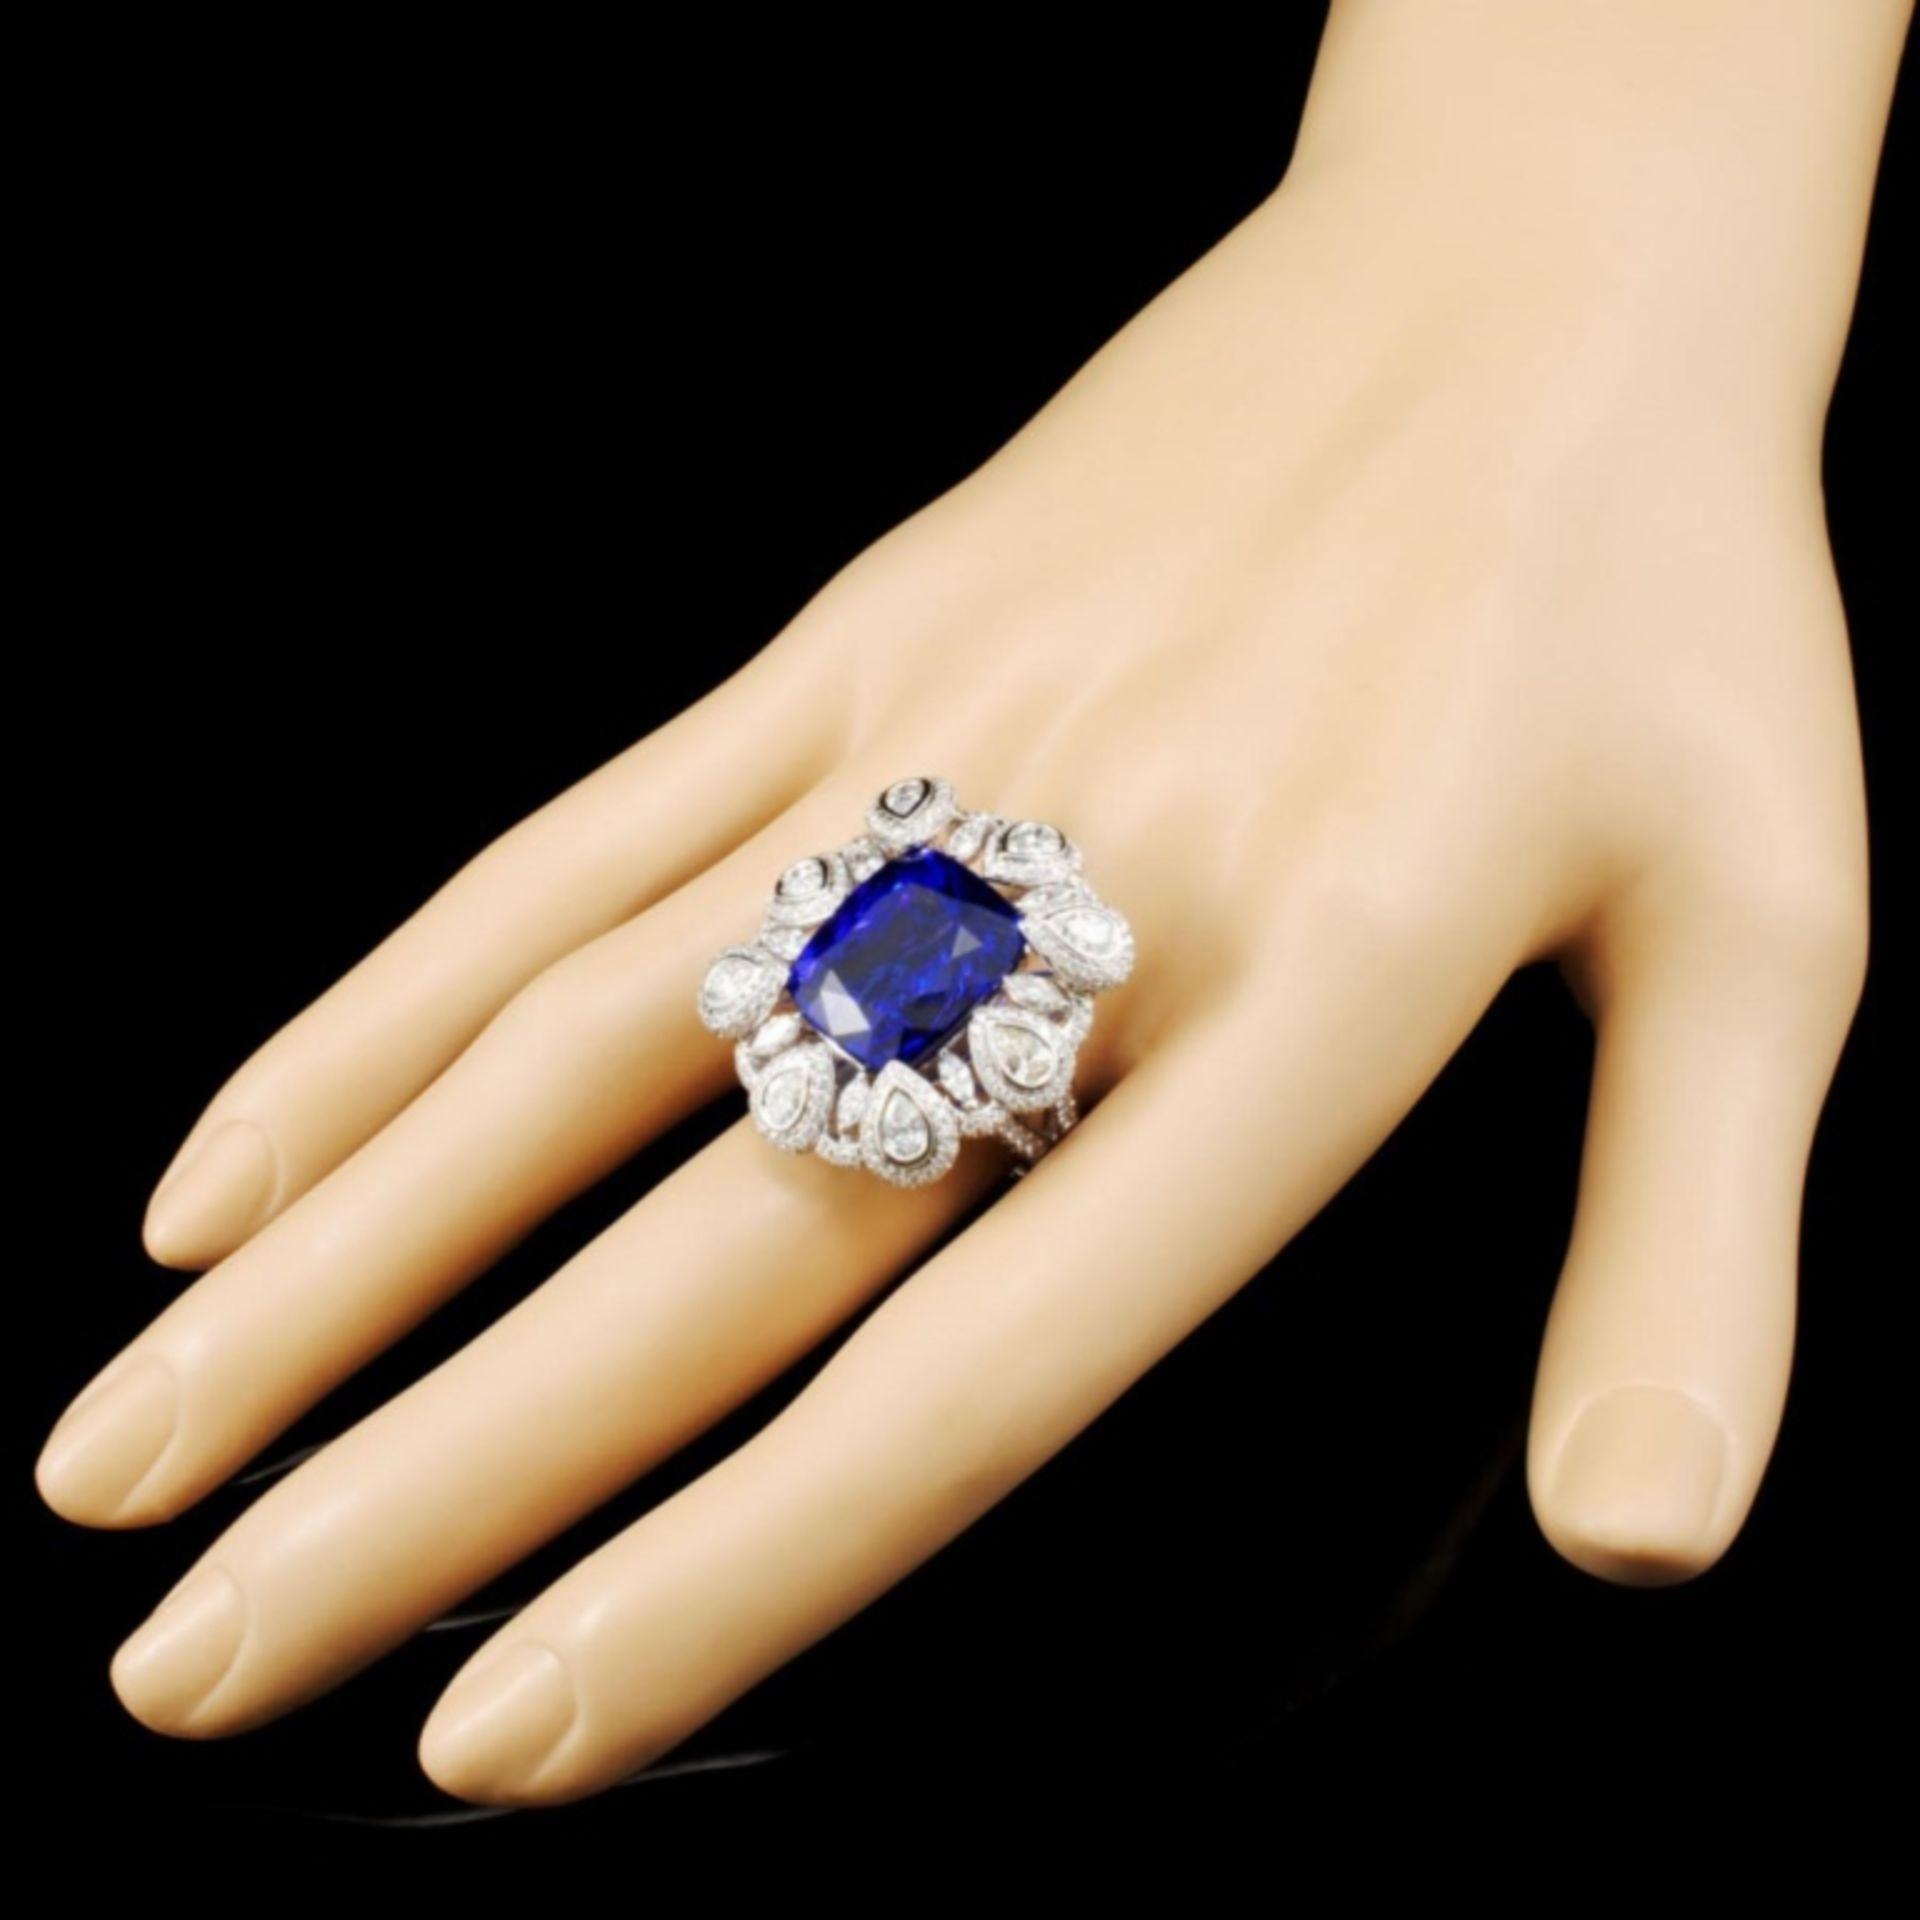 18K Gold 17.56ct Tanzanite & 3.50ctw Diamond Ring - Image 3 of 5